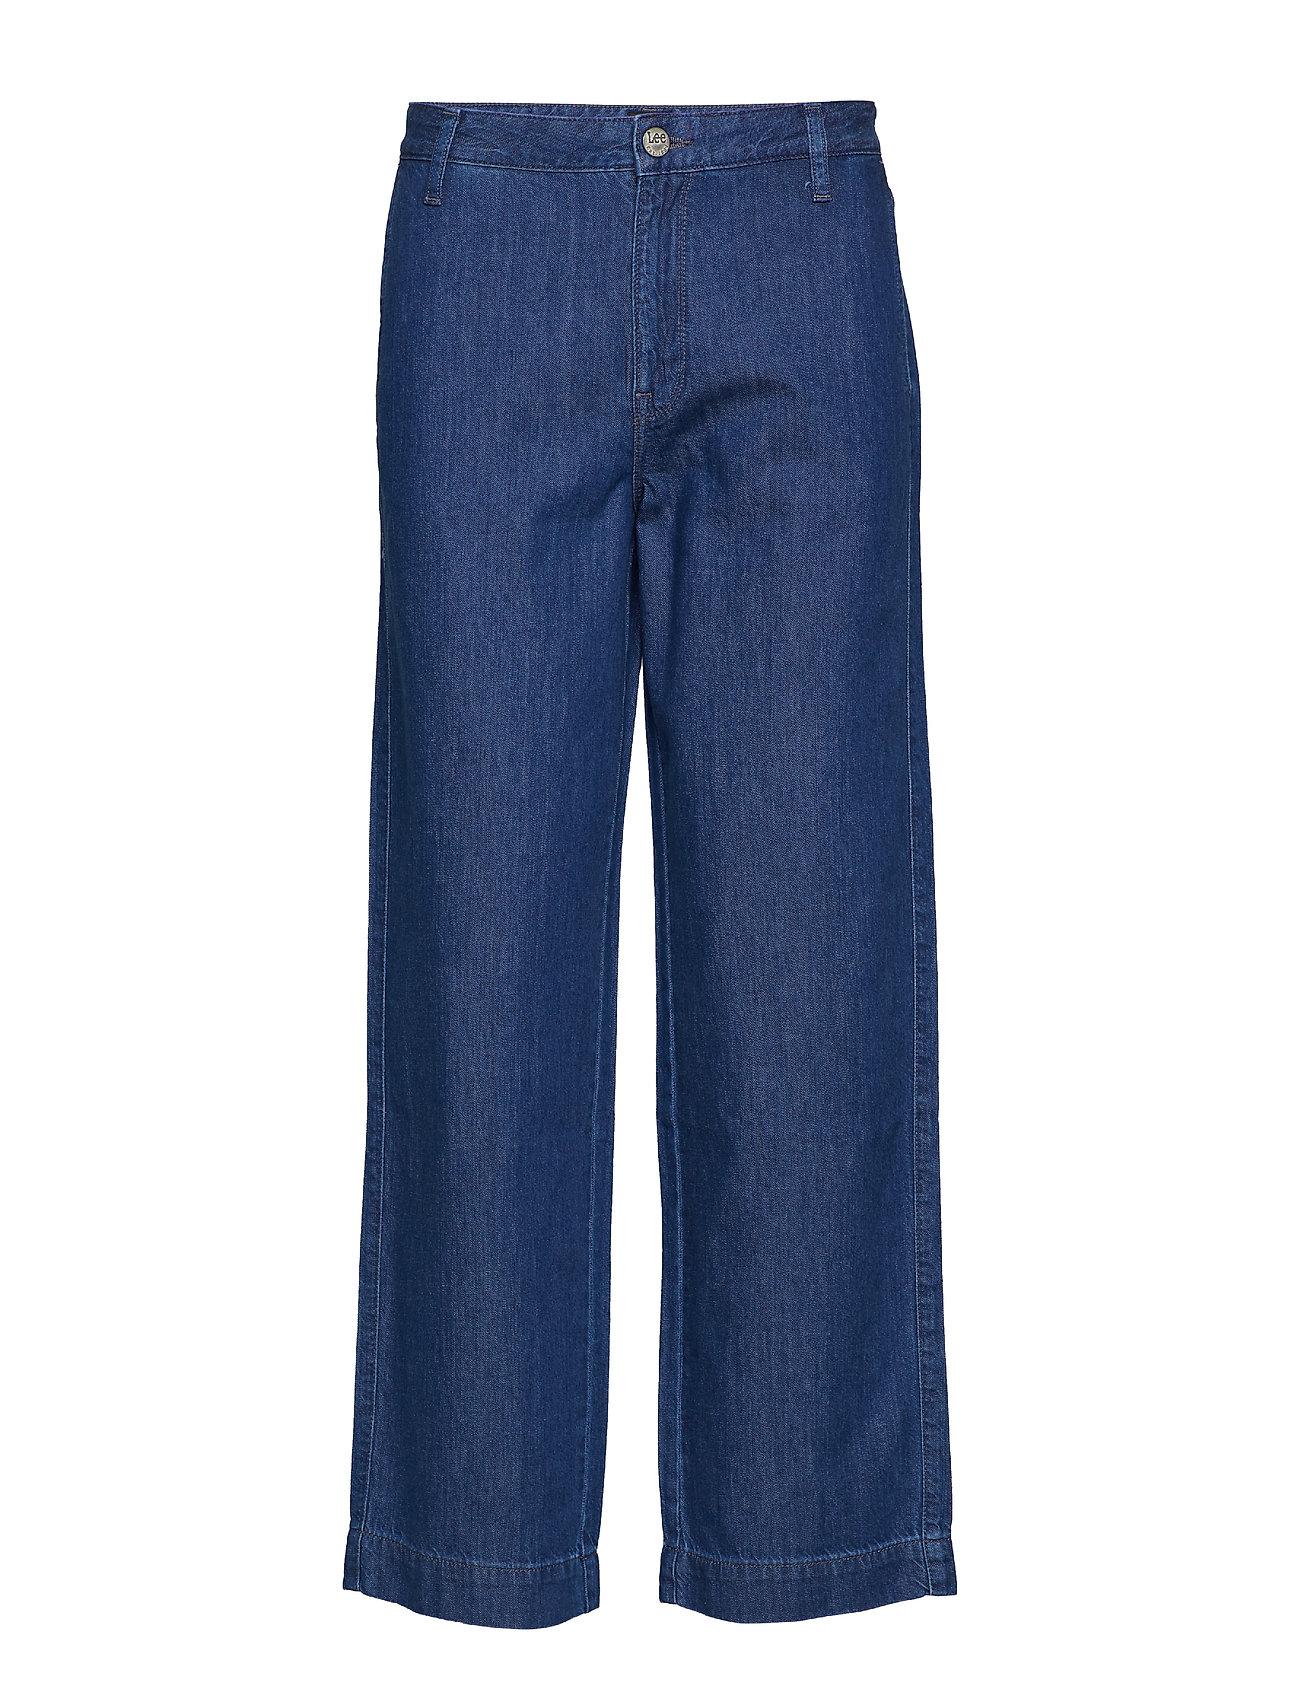 Wide Jeans Wide LegfeatherLee Jeans Jeans Wide LegfeatherLee Wide LegfeatherLee LegfeatherLee K3FJcT1ul